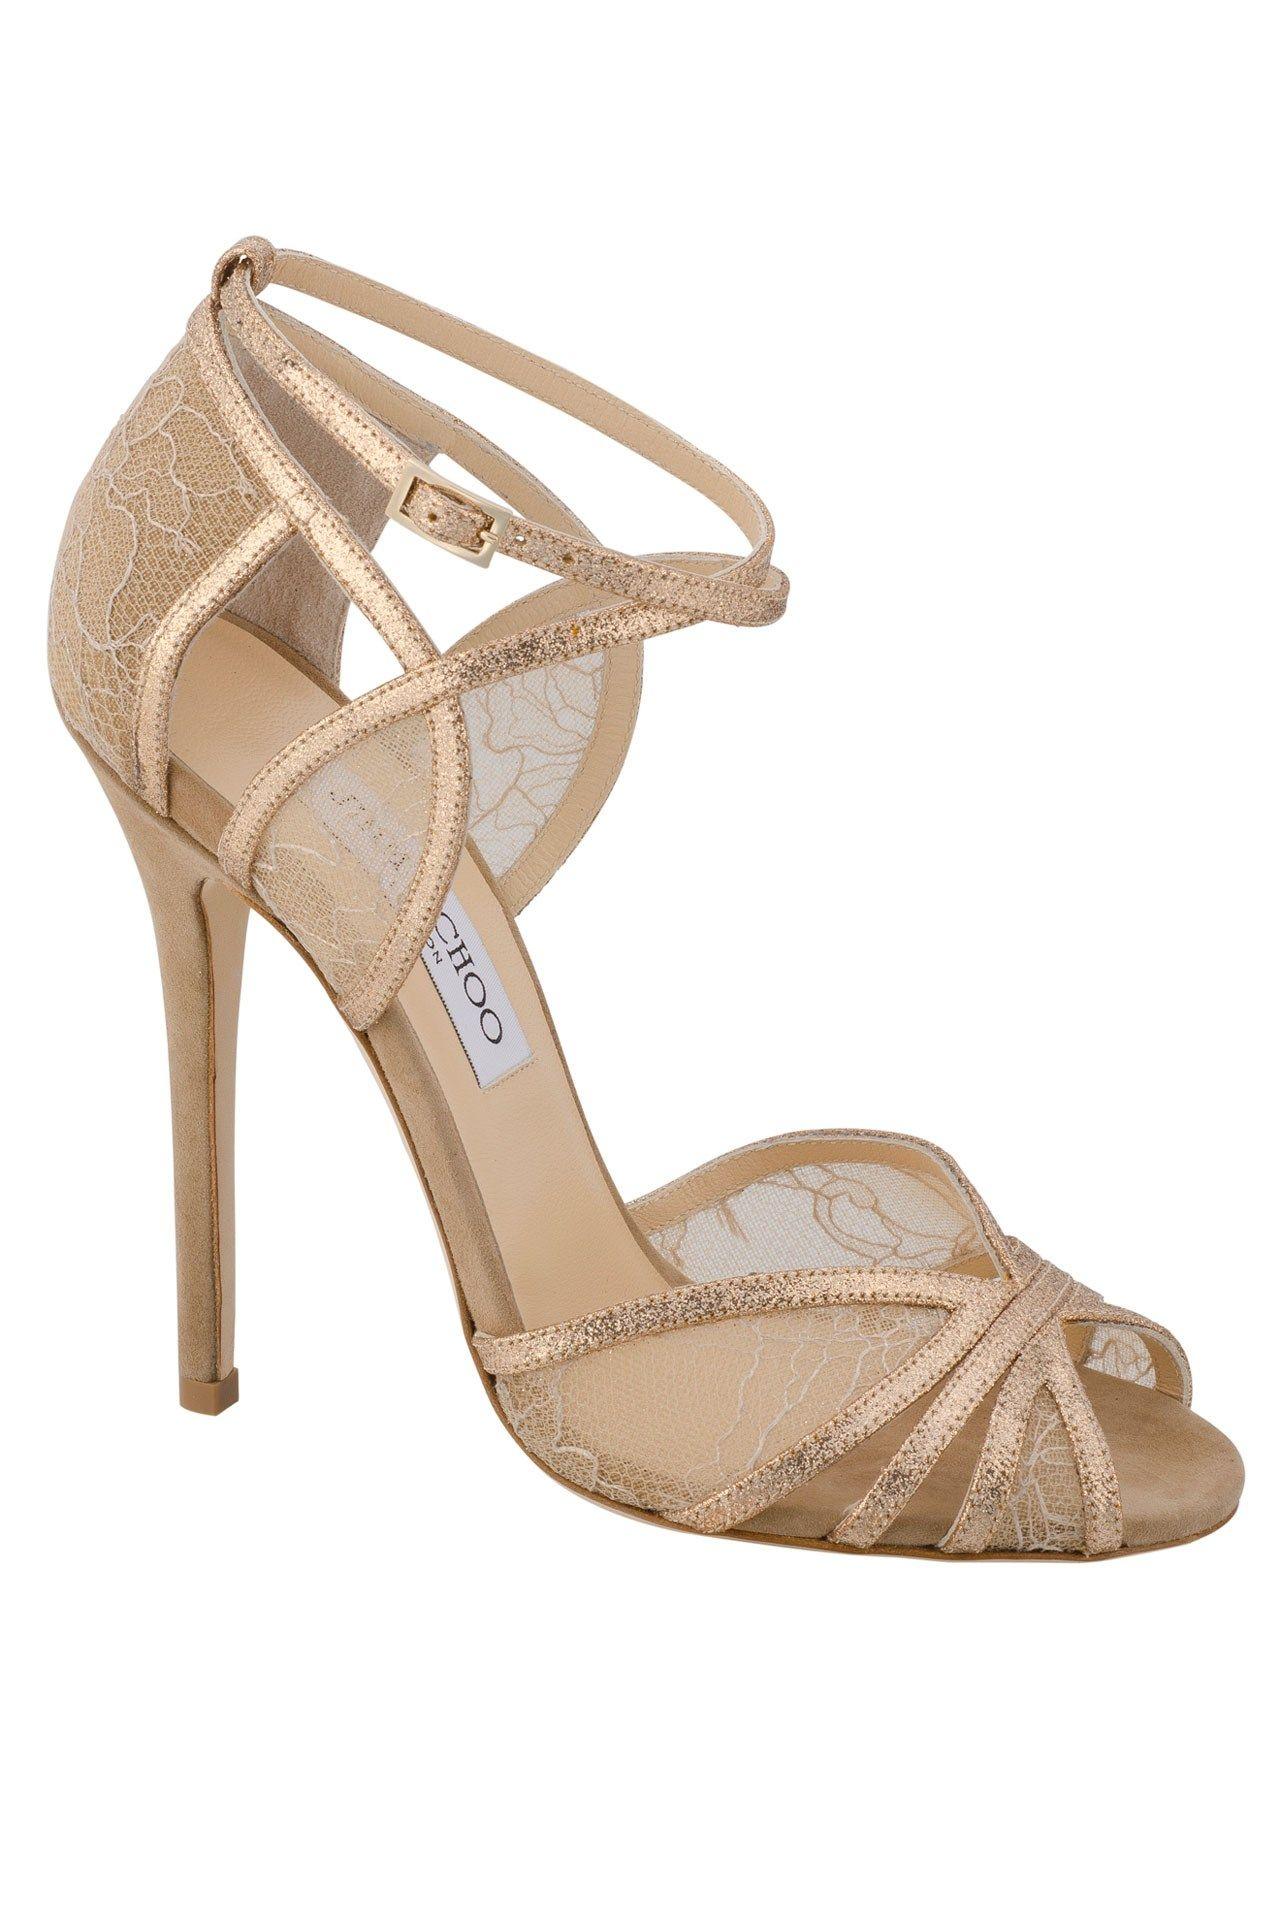 Wedding Bridal Shoes Latest Styles Bridesmagazine Co Uk